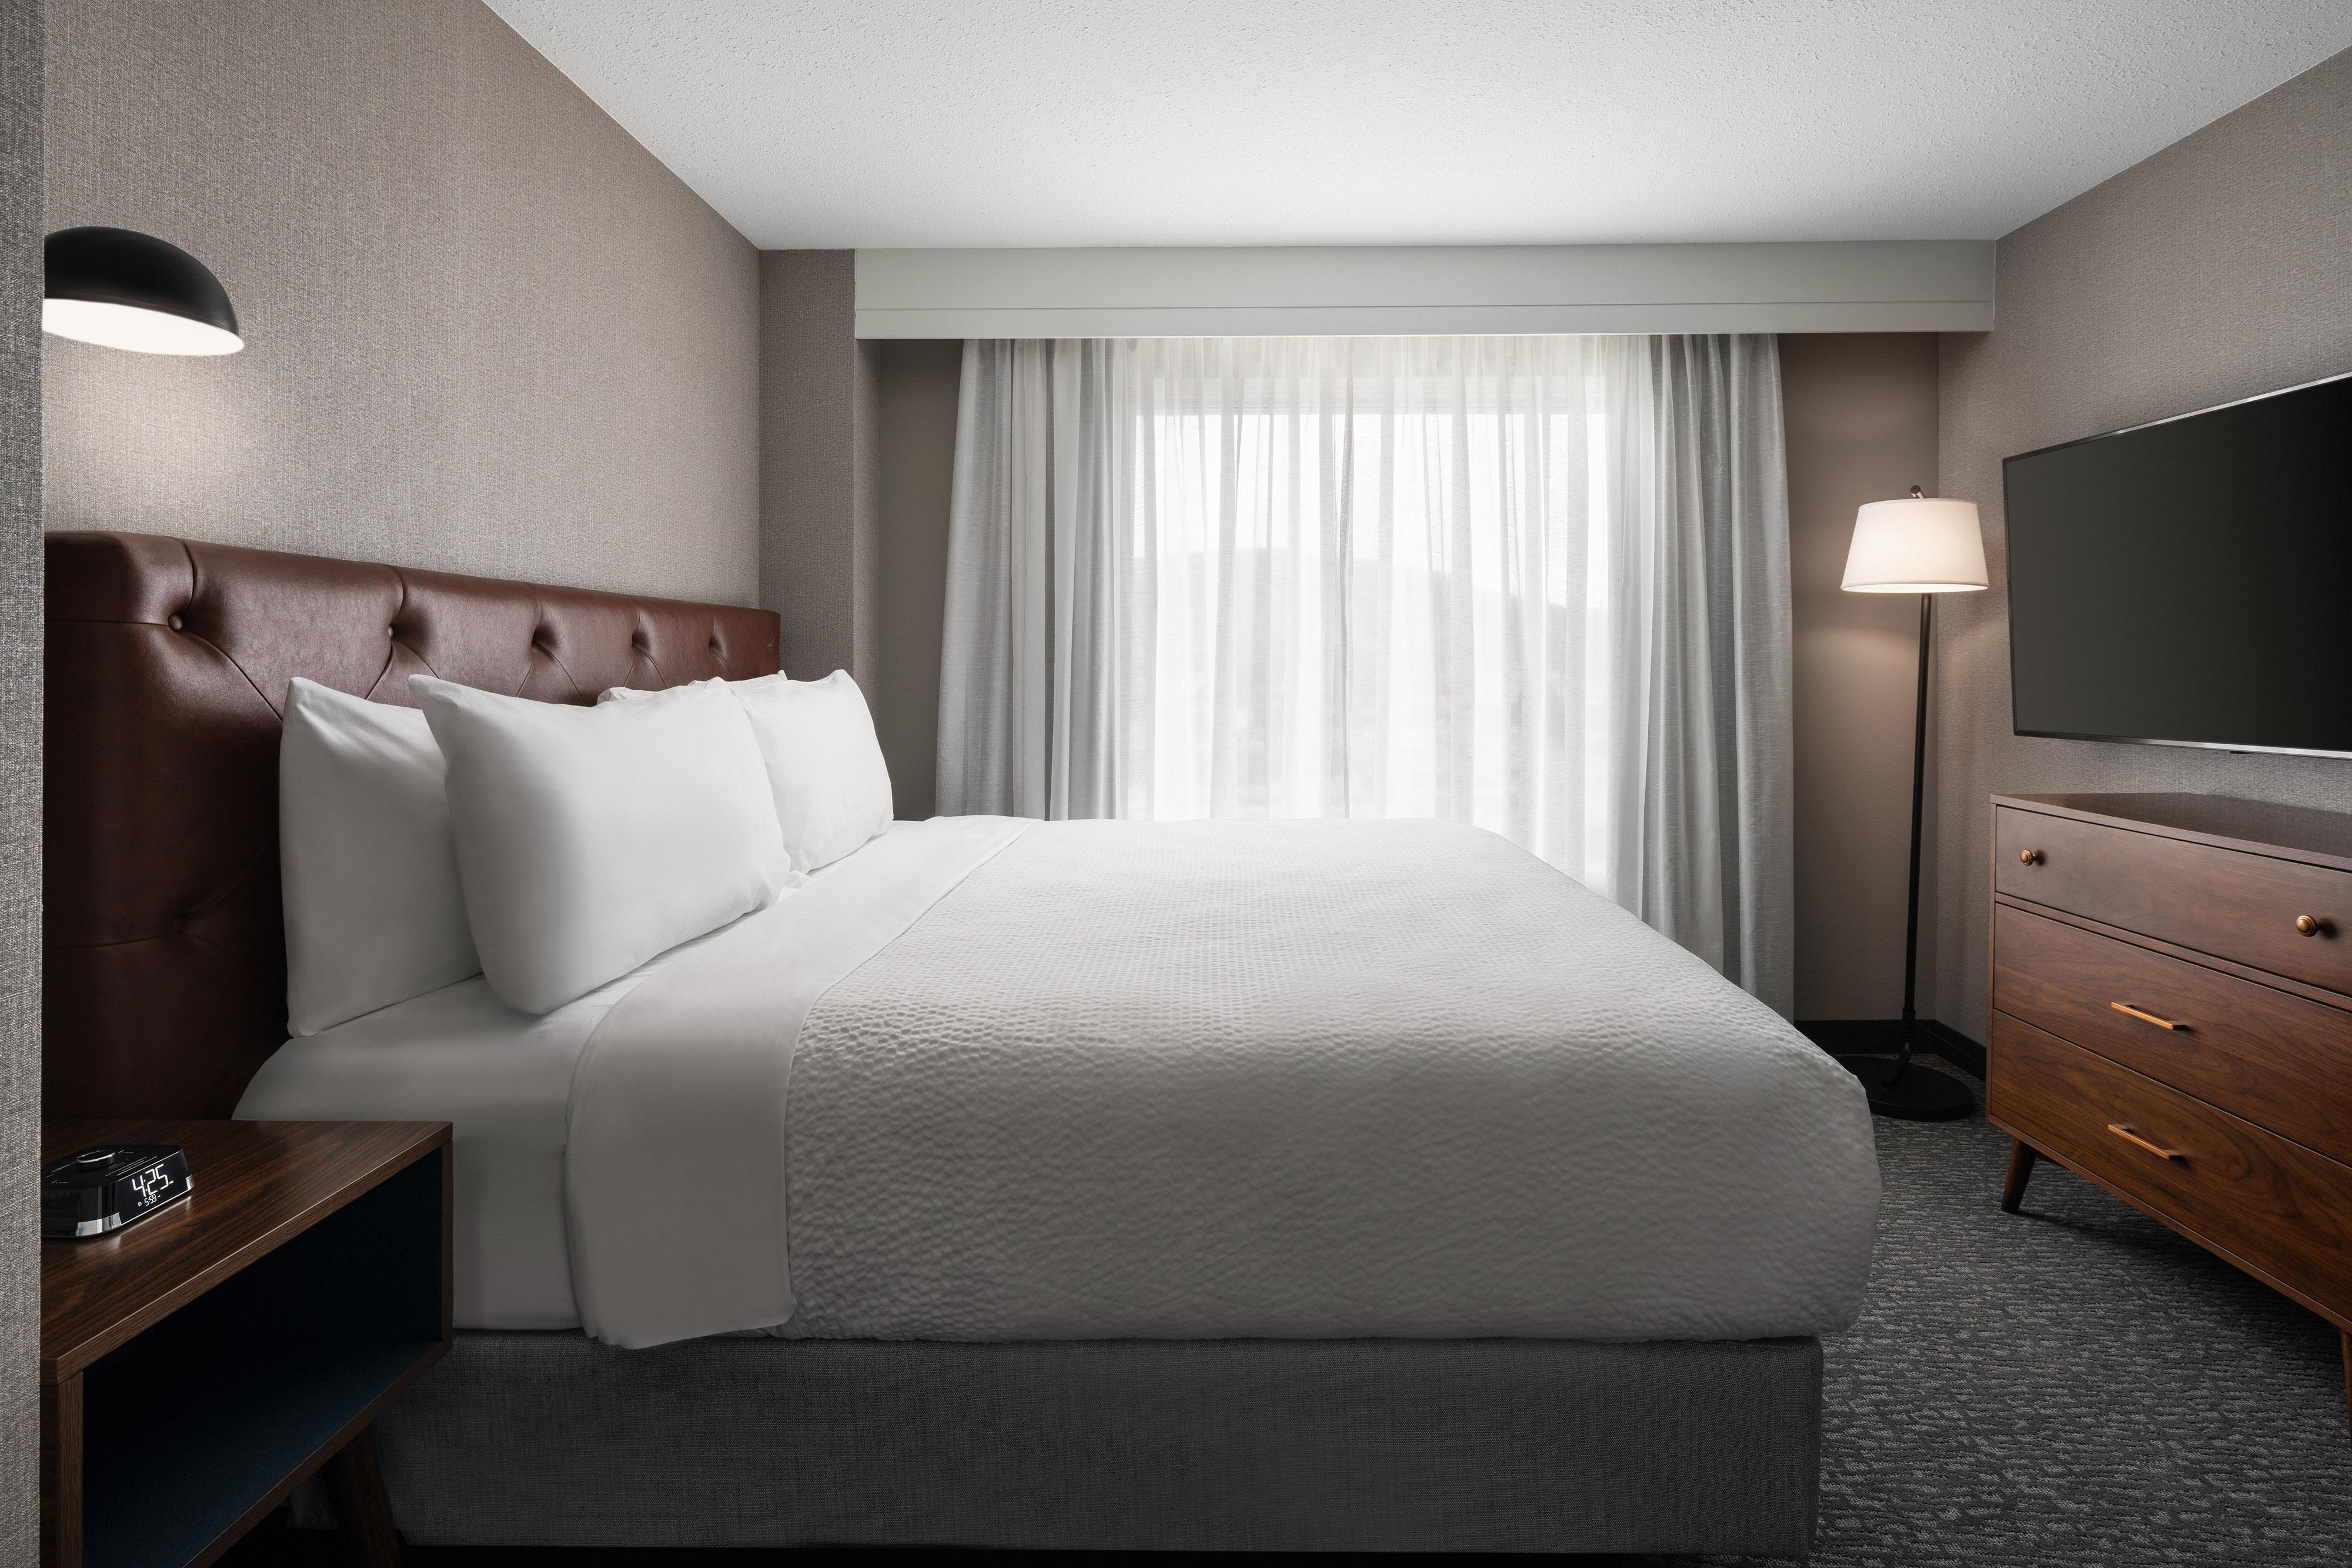 Двухуровневый лофт с 1спальней с двуспальной кроватью (King)